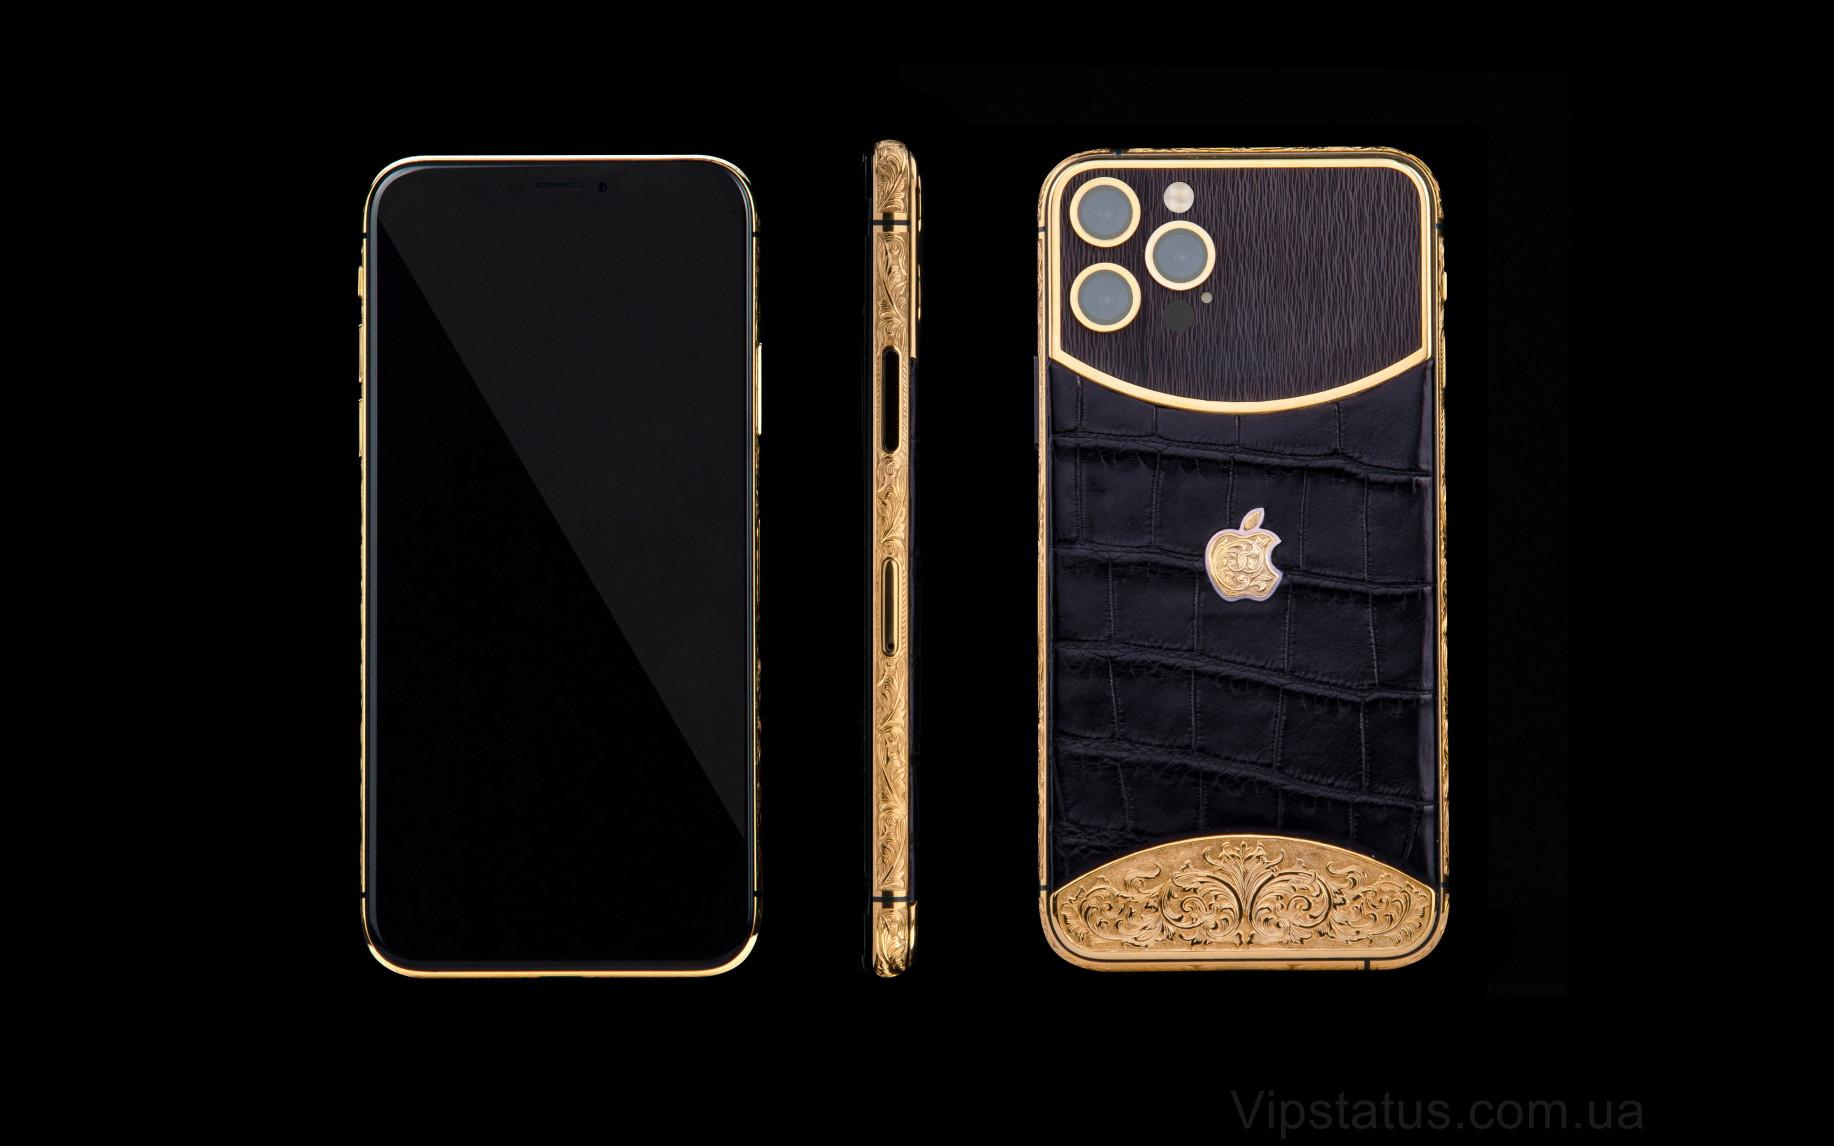 Elite Black Edition IPHONE 12 PRO MAX 512 GB Black Edition IPHONE 12 PRO MAX 512 GB image 4